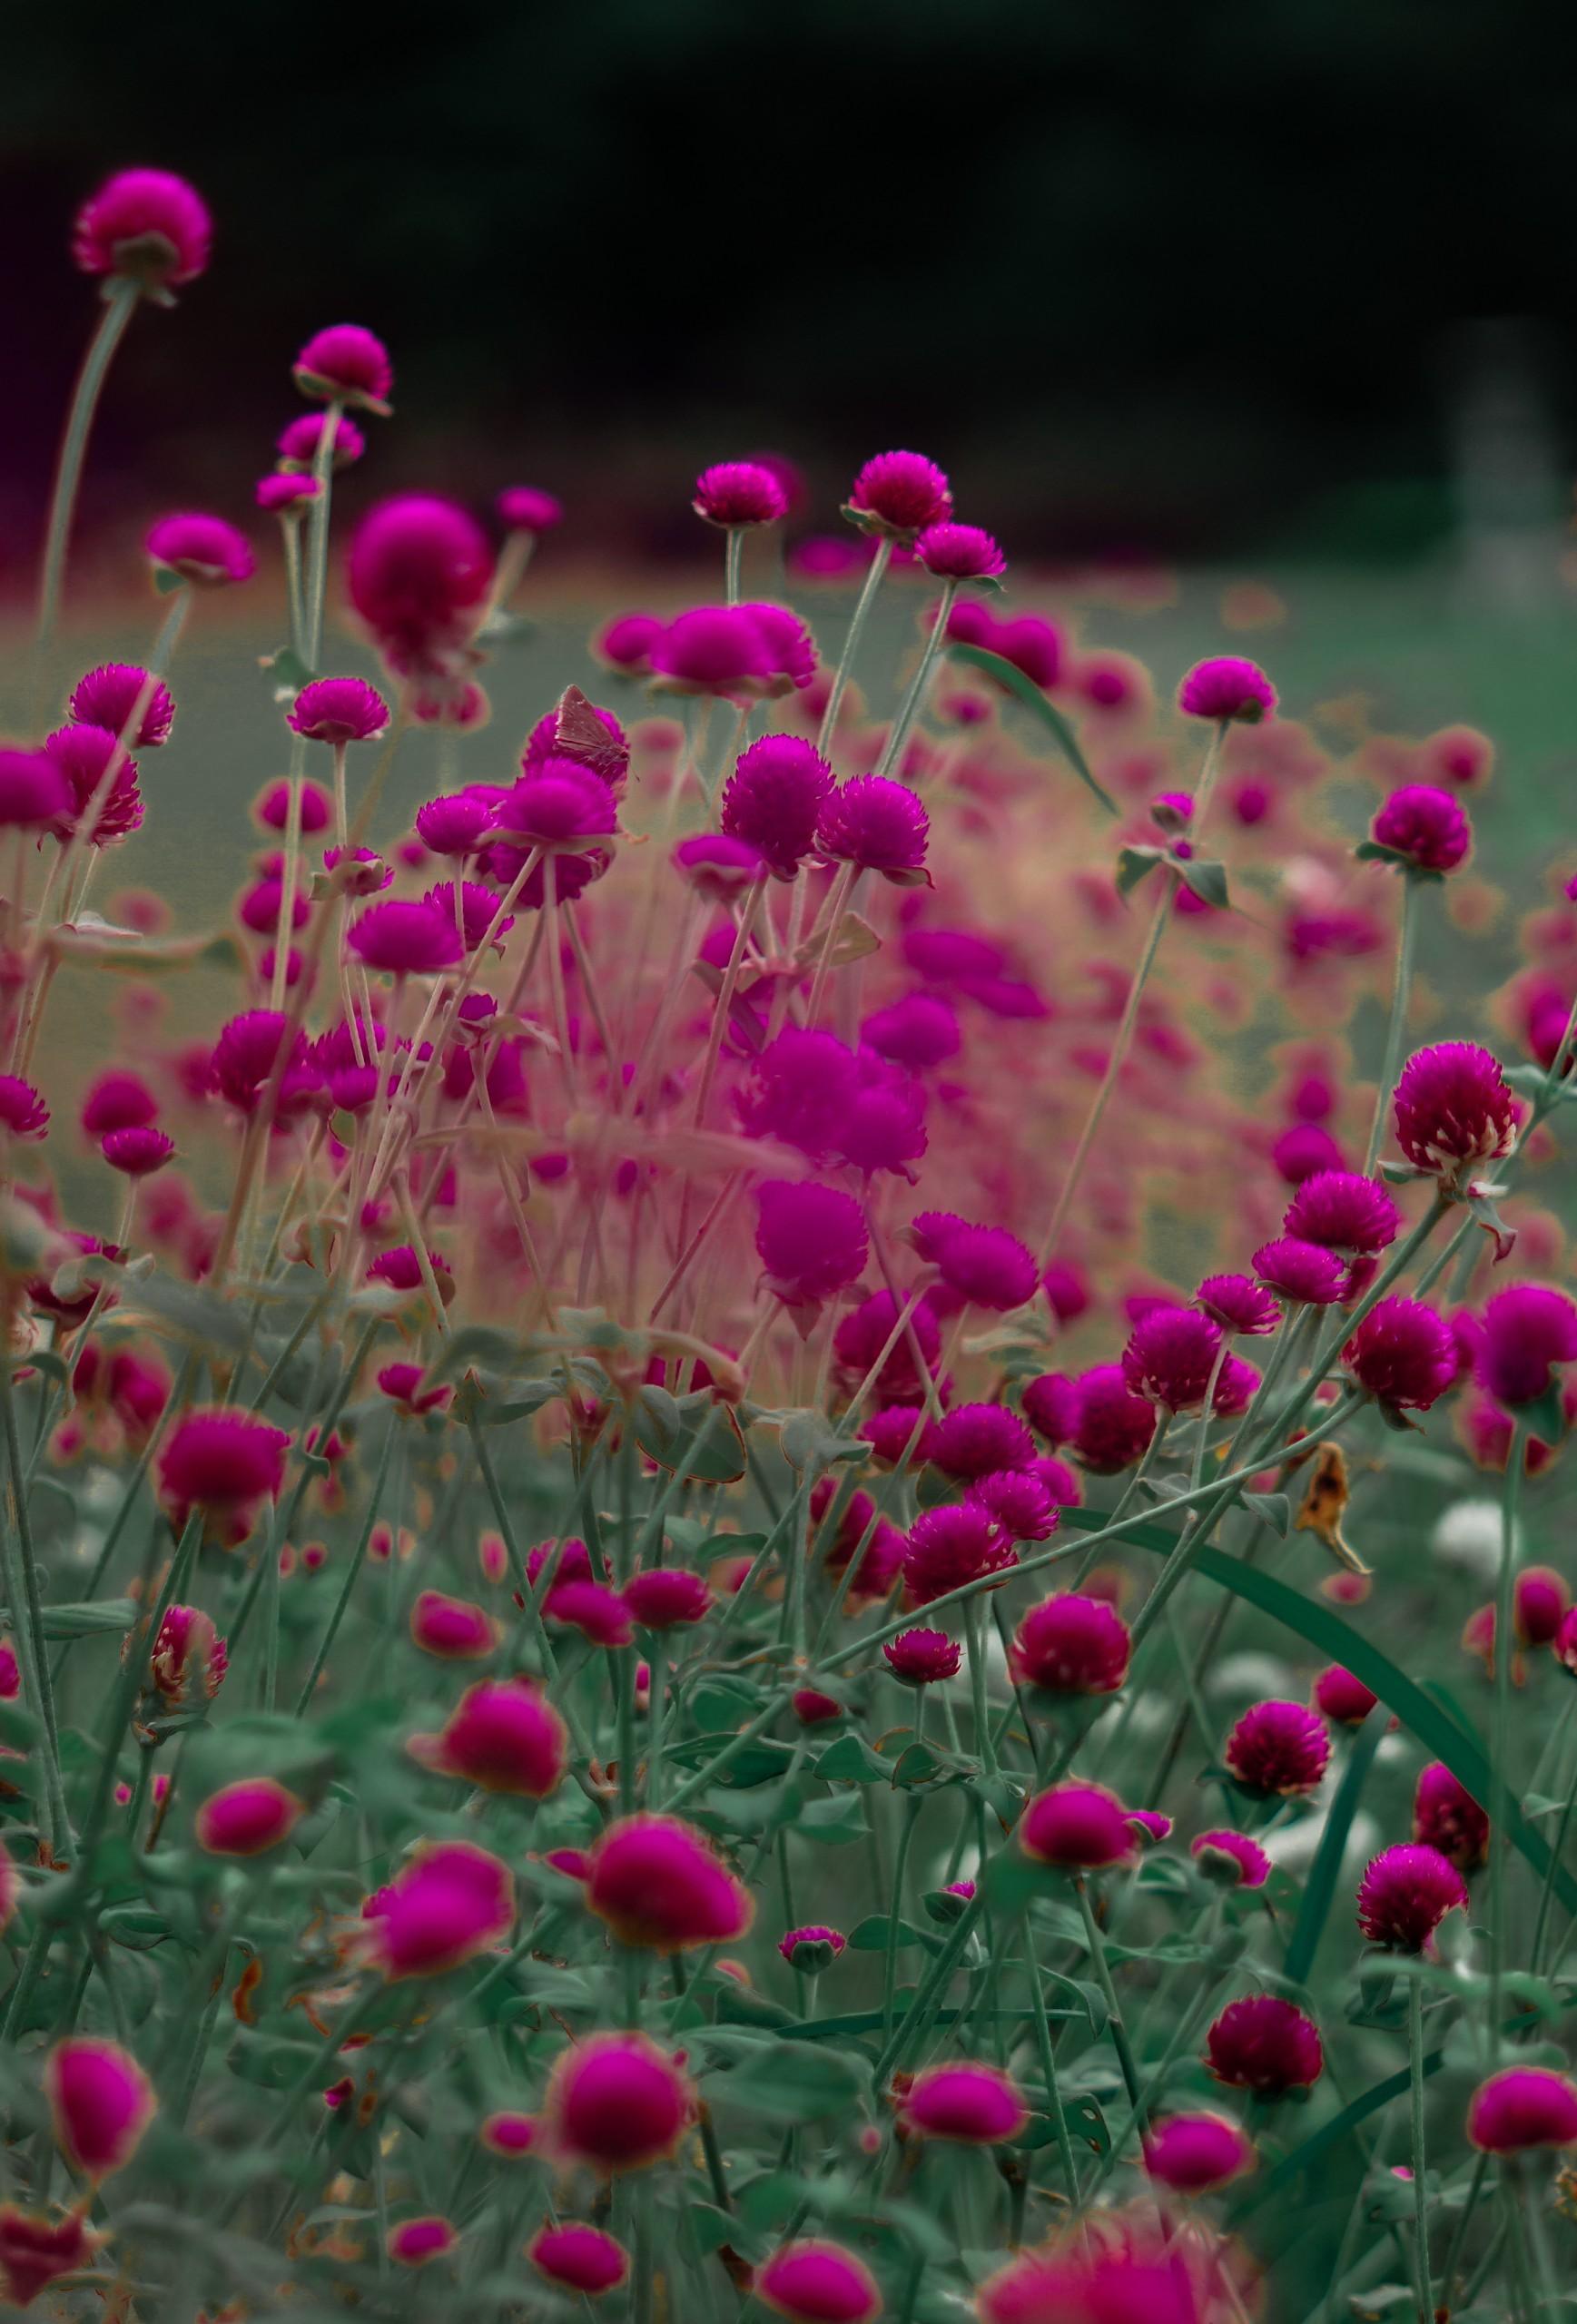 Purple Flowers in Dark Background